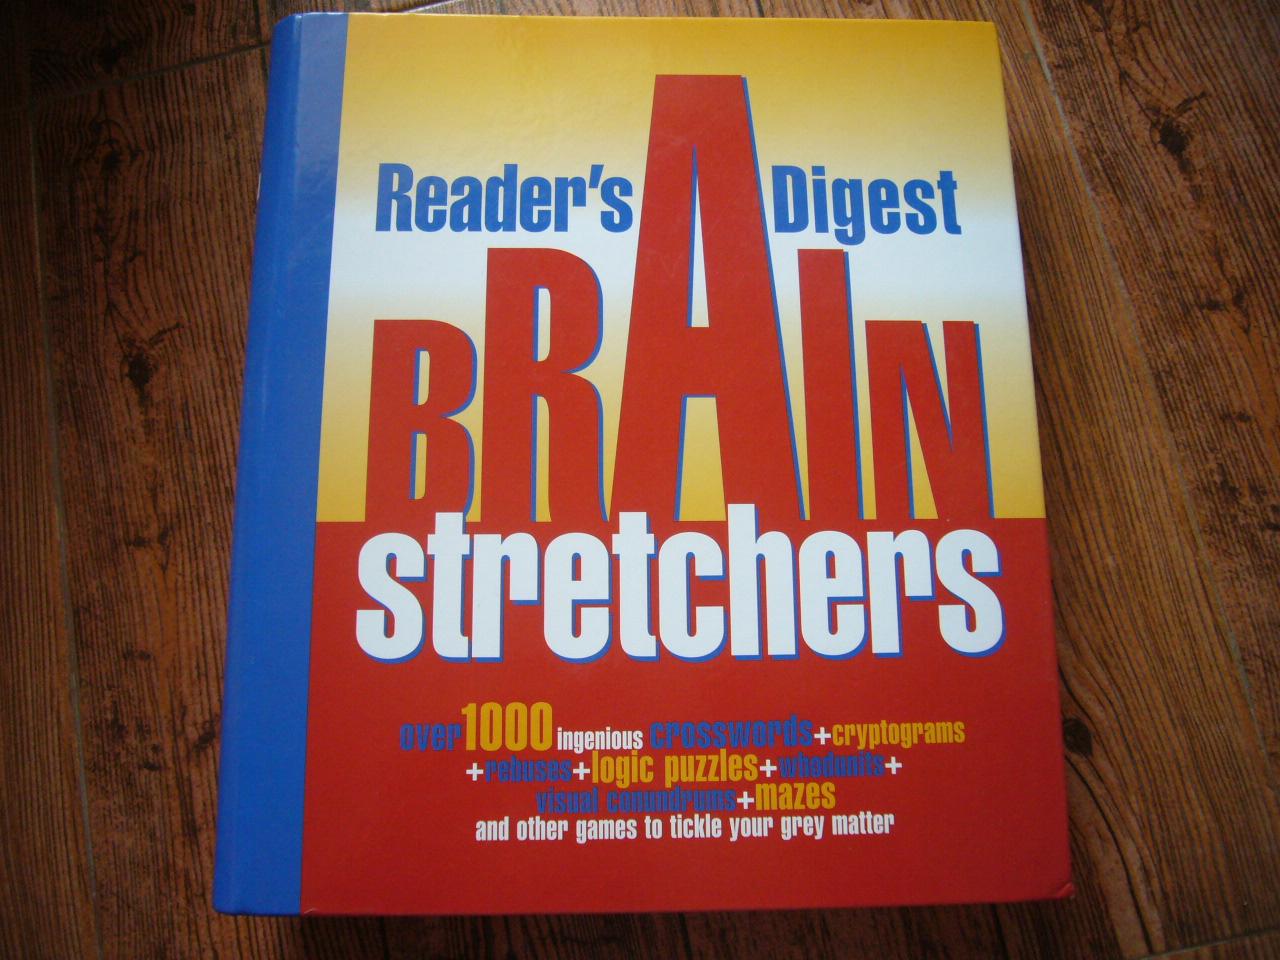 Reader's Digest BRAIN STRETCHERS